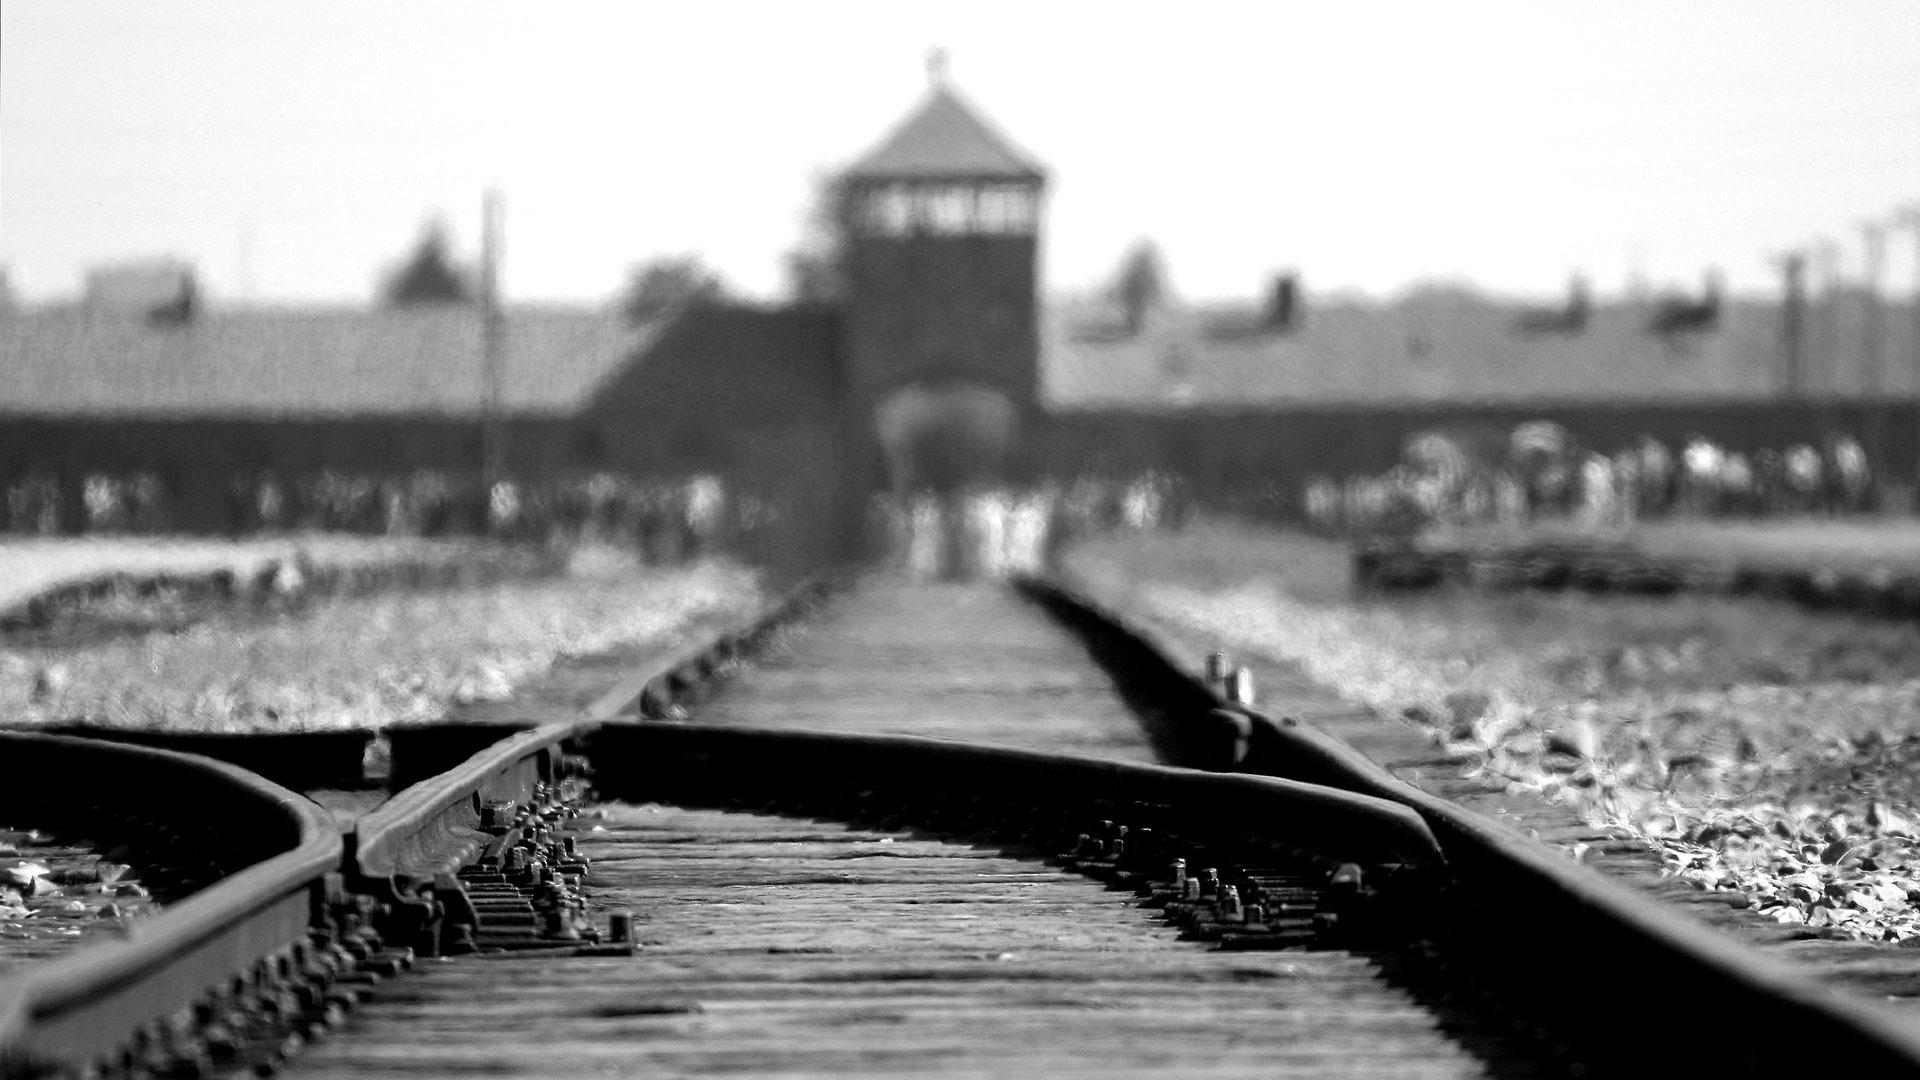 En la parte del predio conocida como Auschwitz II (Birkenau) había cuatro crematorios con cámaras de gas para exterminar a los prisioneros